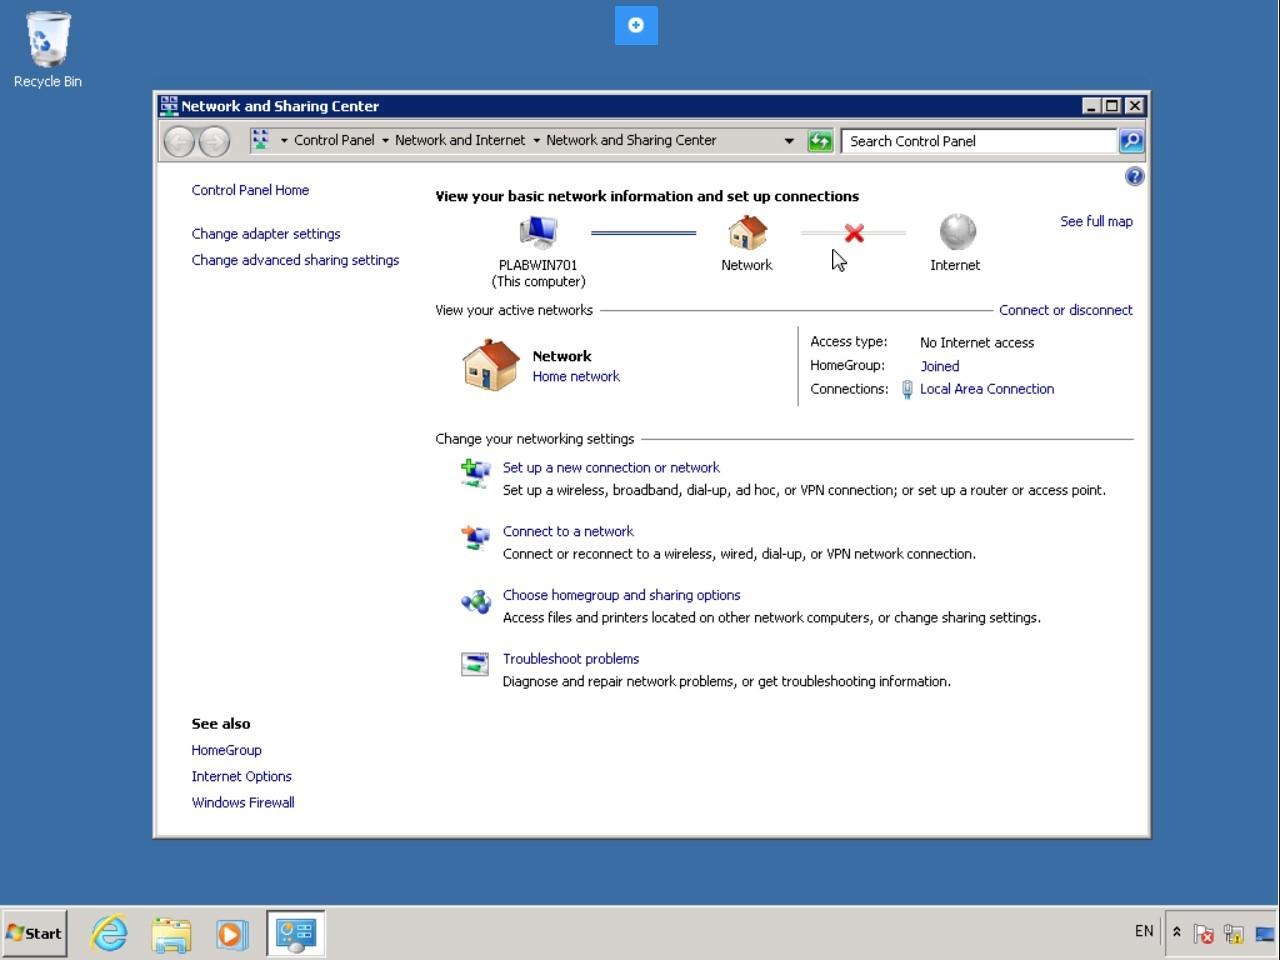 Hình 5.5 Ảnh chụp màn hình máy tính để bàn PLABWIN701